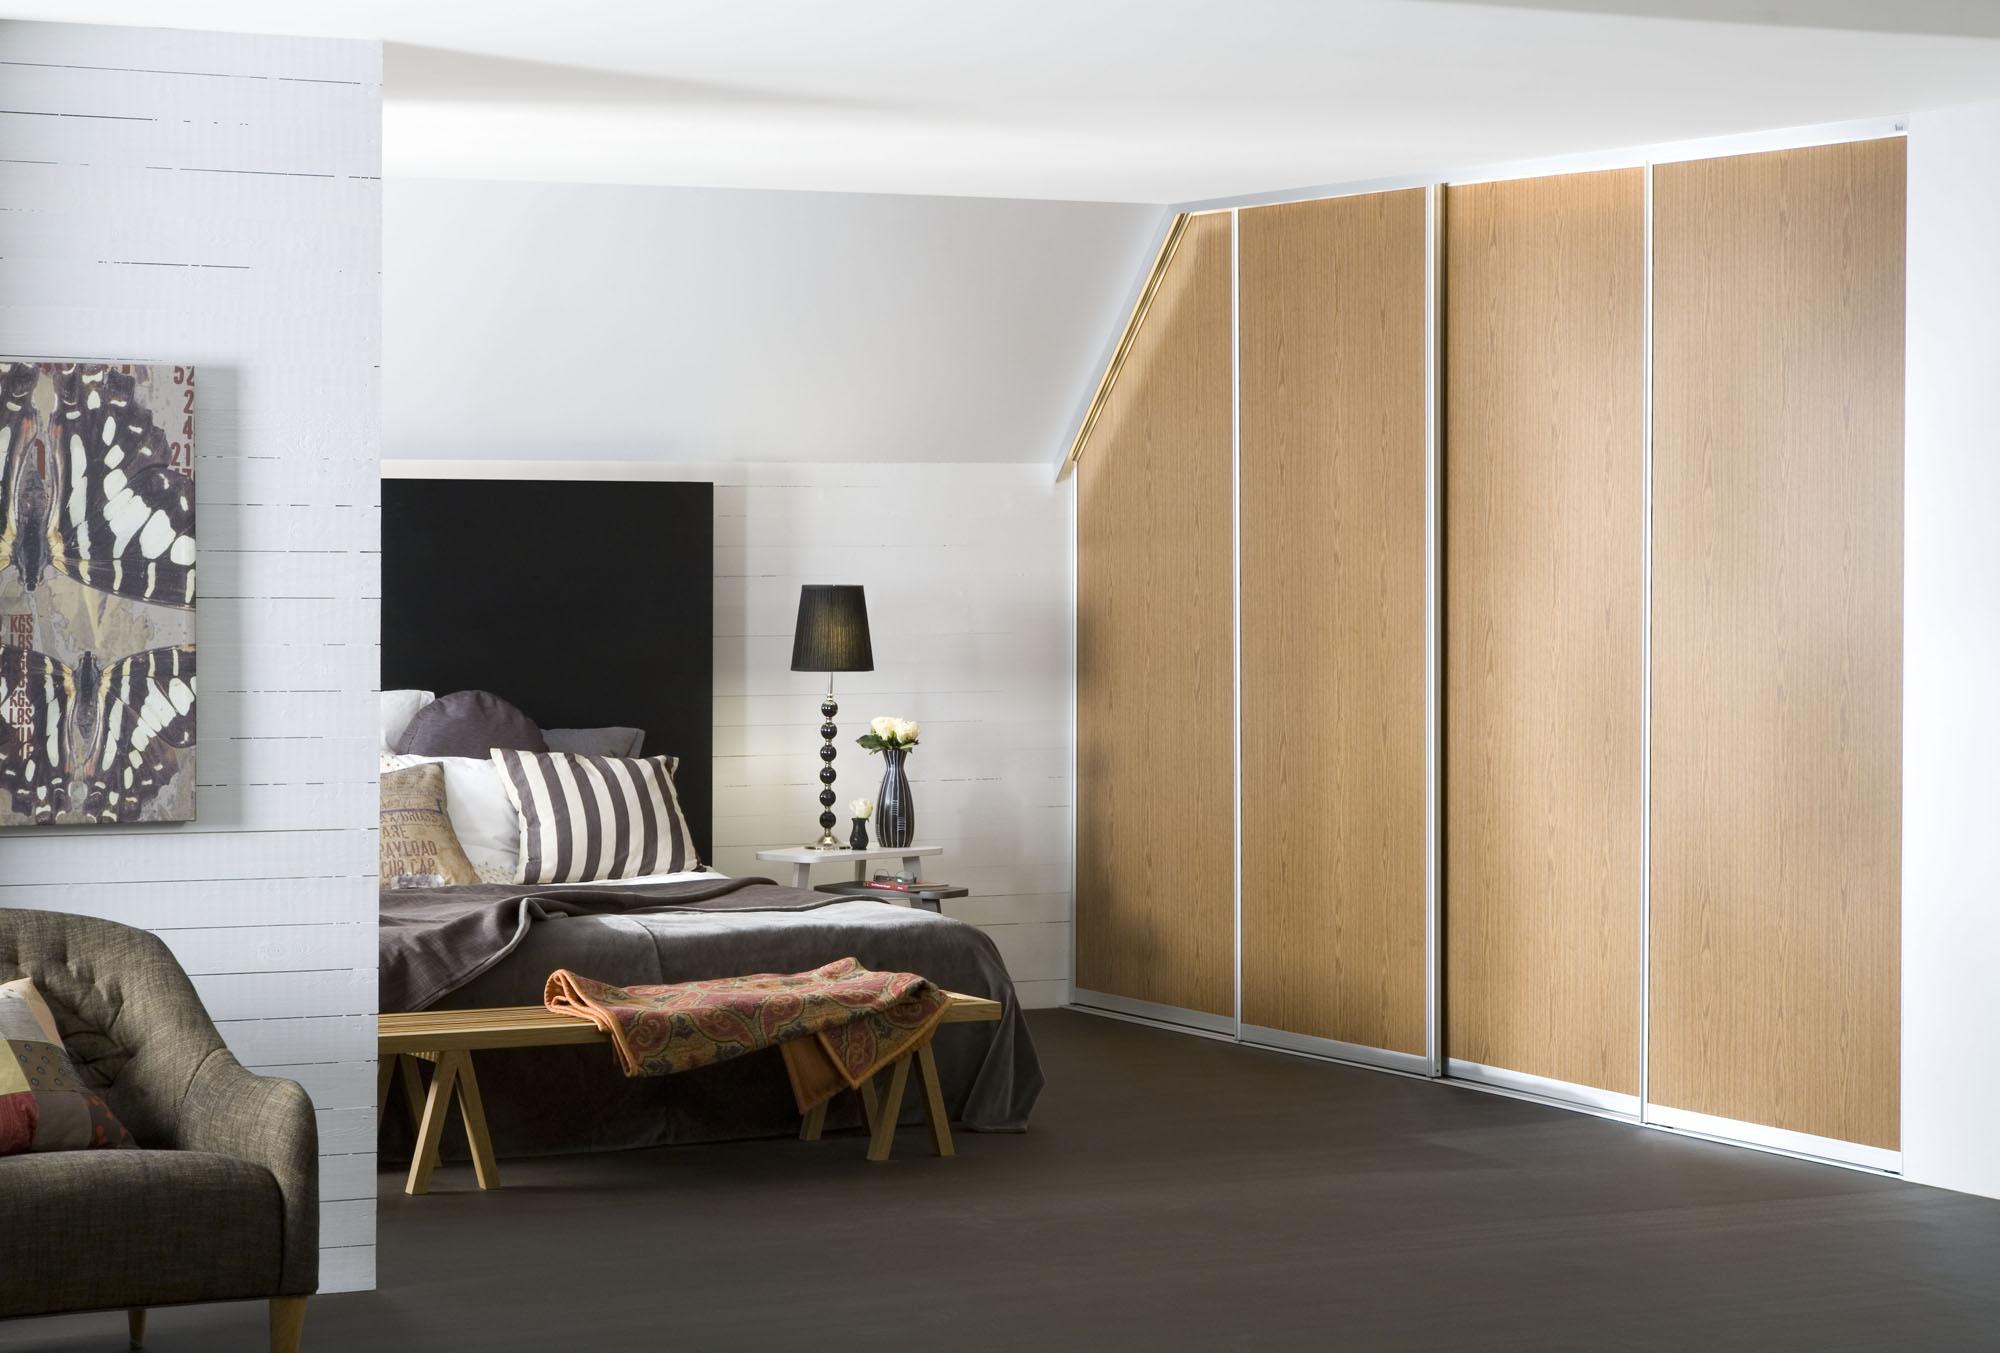 vente placards et solutions de rangements elfa sur mesure. Black Bedroom Furniture Sets. Home Design Ideas